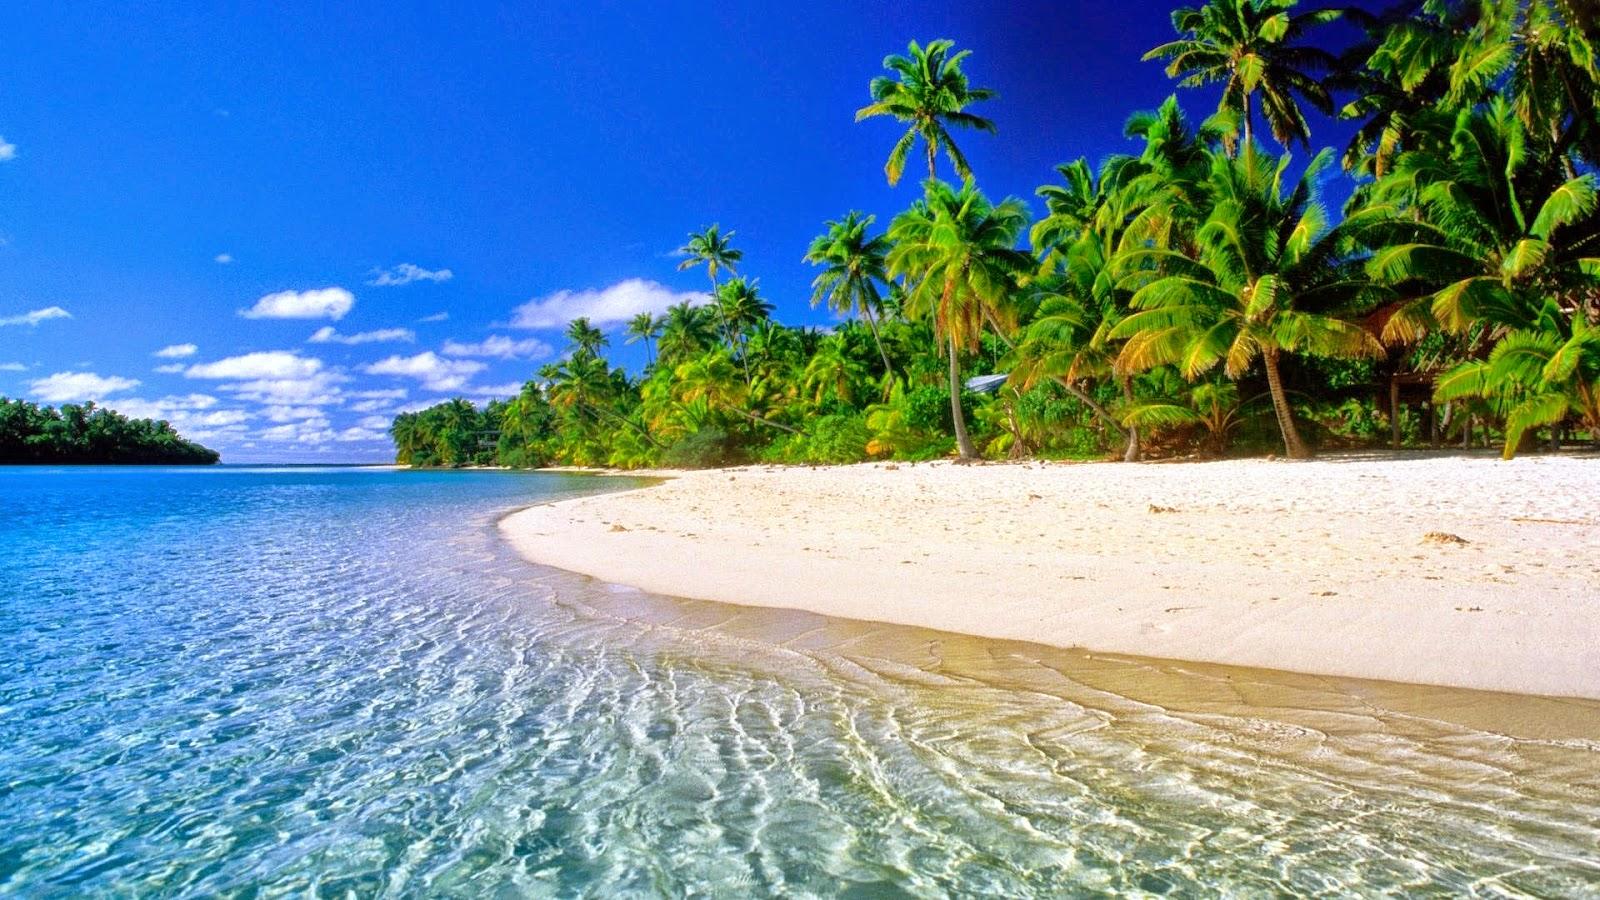 بالصور صور جزر المالديف , صور ولا اروع من جزر المالديف 1771 5